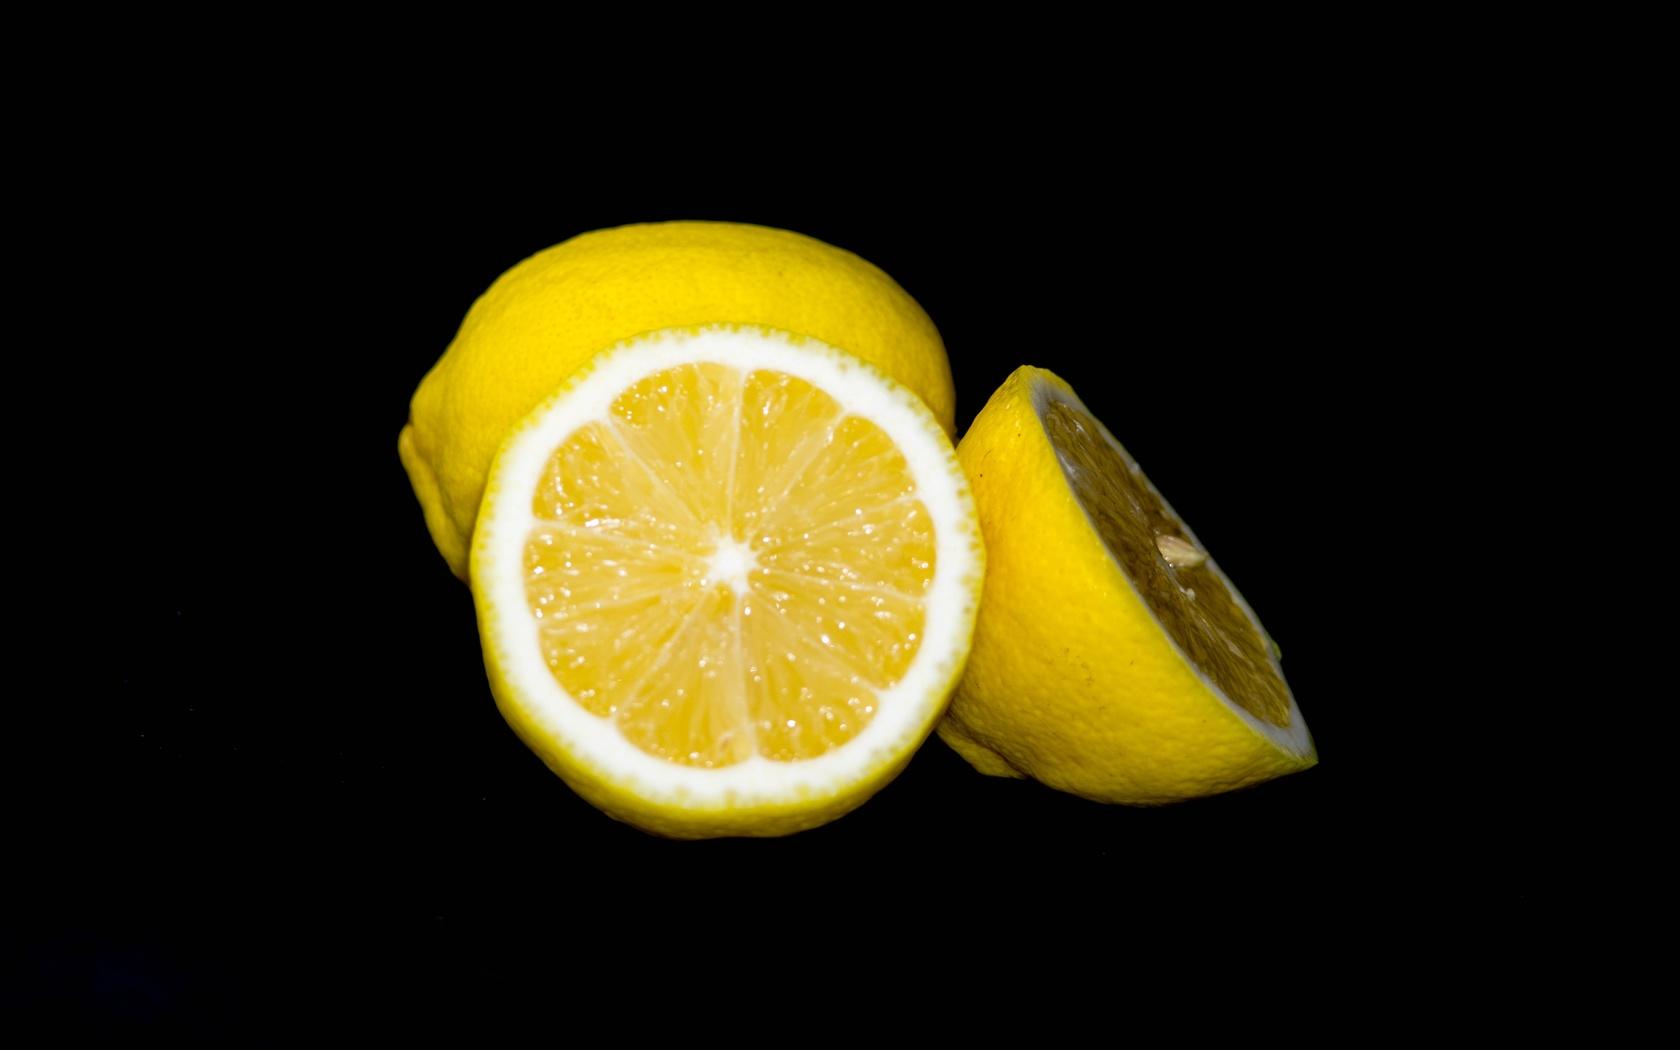 лимон, темный, фон, минимализм